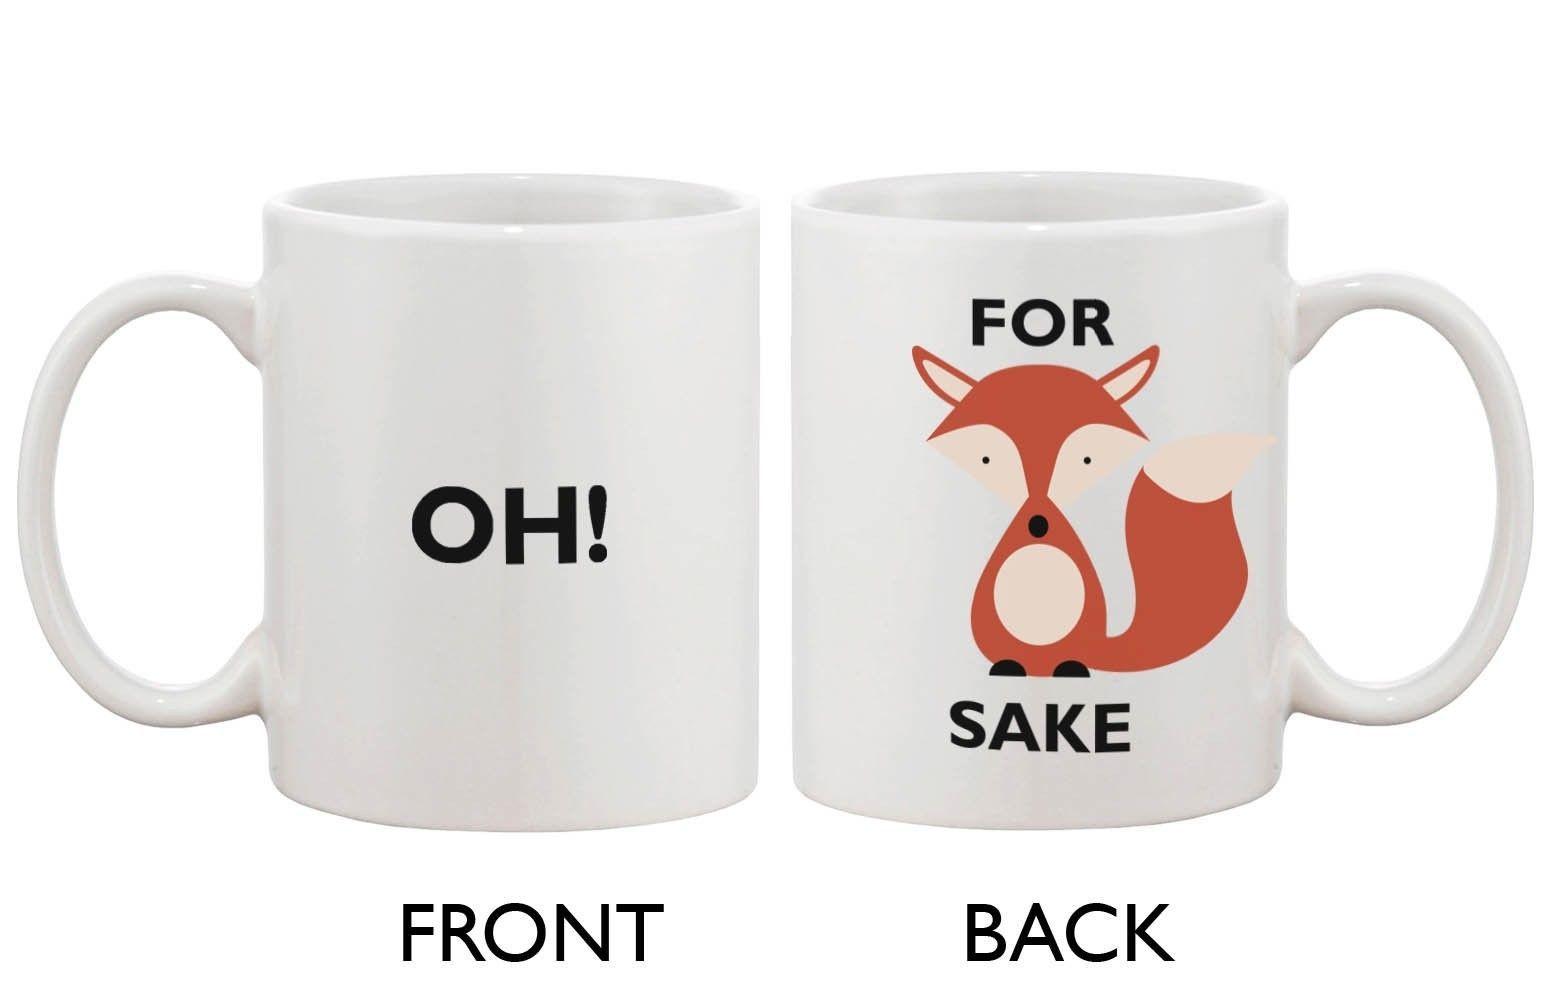 Cute For Fox Sake Mug - For Fox Sake Oh!